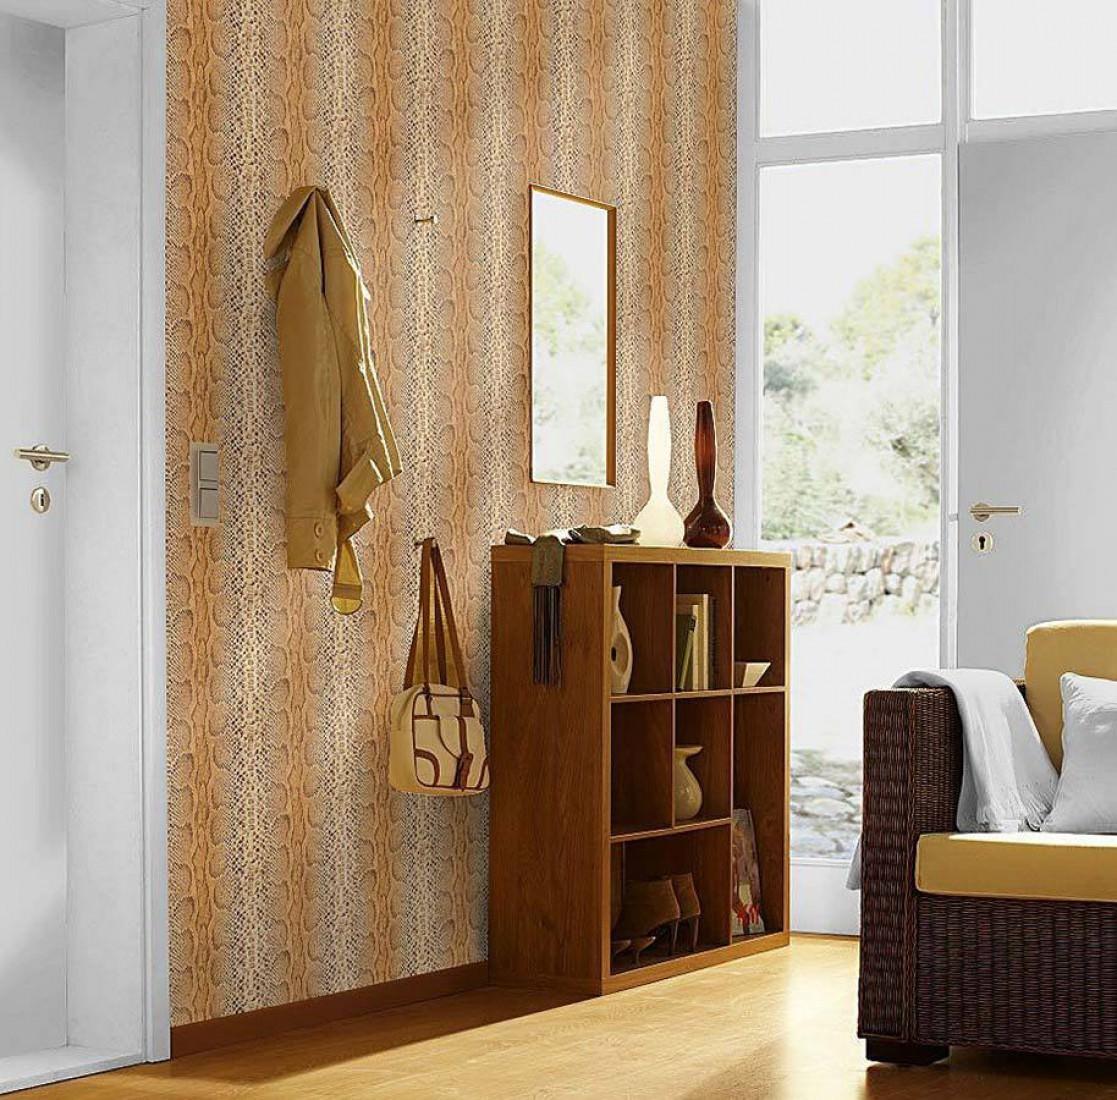 tapete anaconda beigebraun hellbraun hellelfenbein. Black Bedroom Furniture Sets. Home Design Ideas